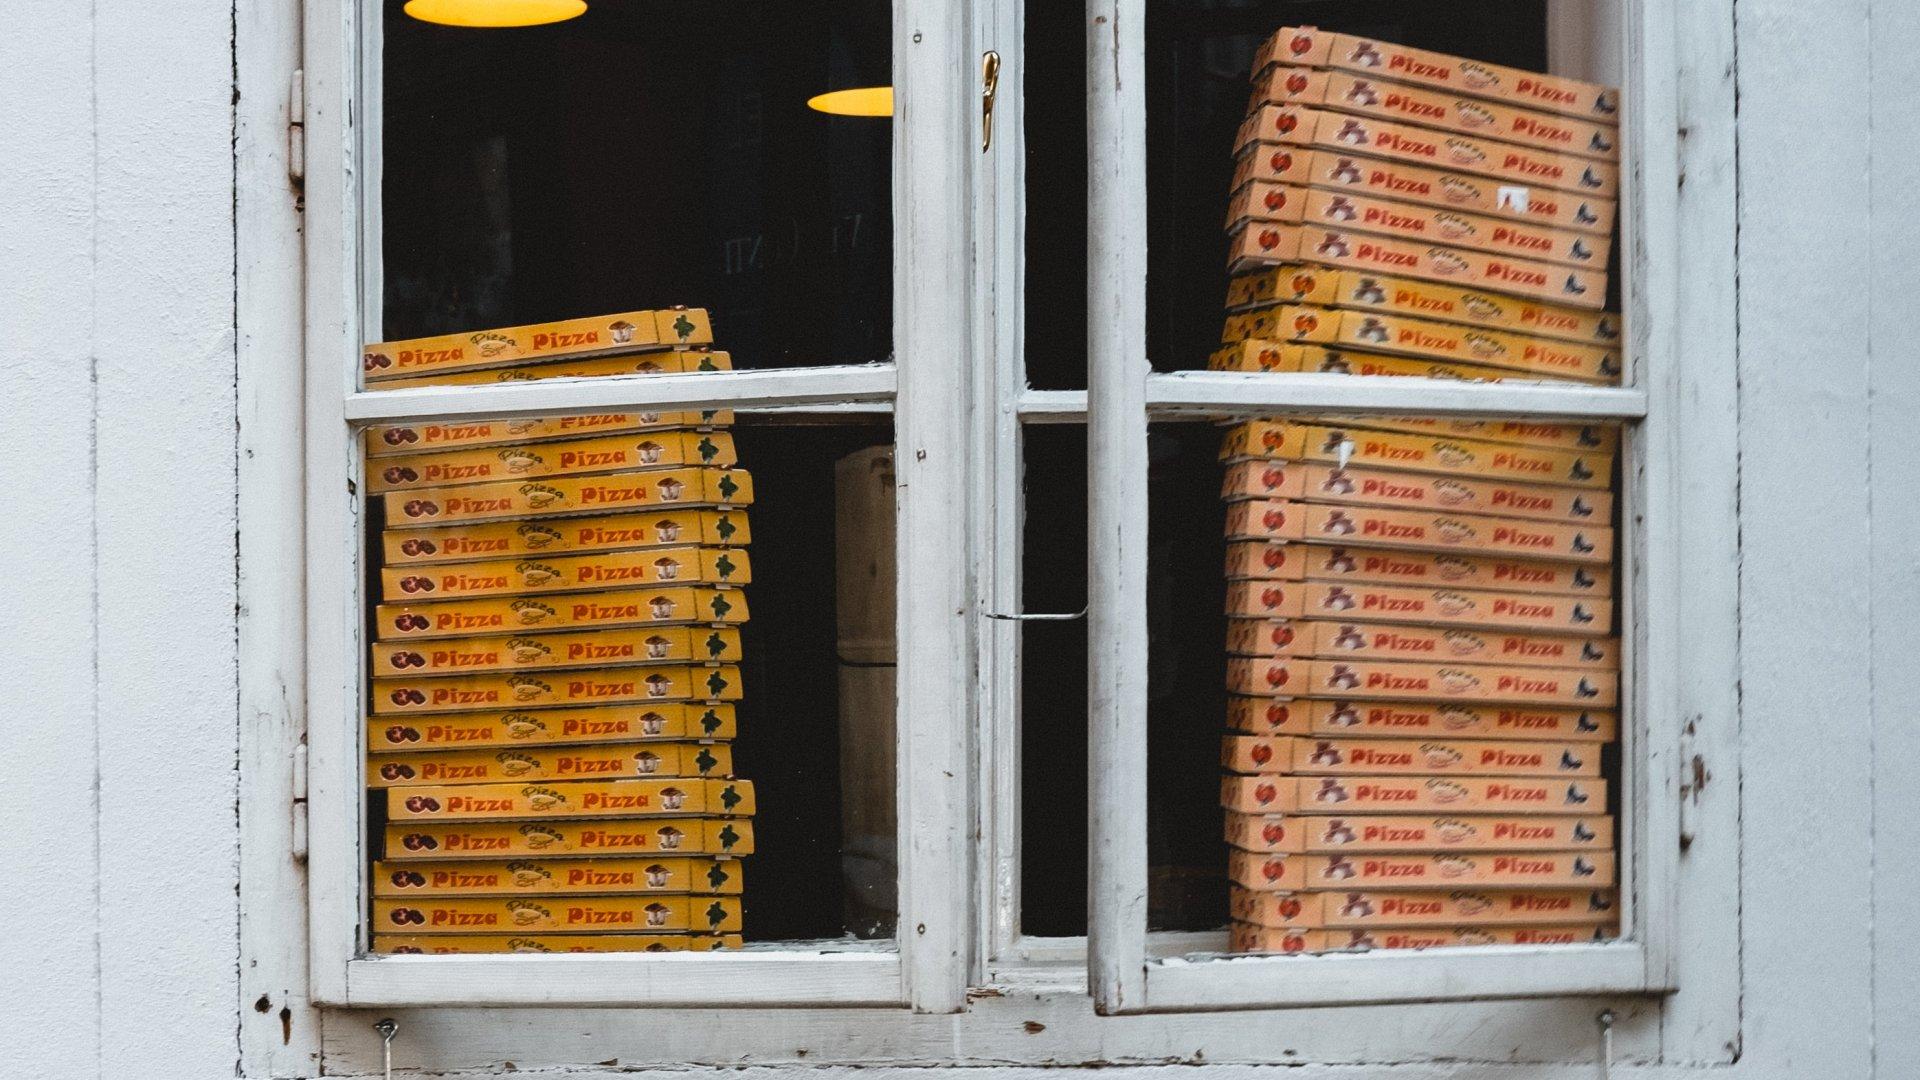 Pizzás dobozok az ablakban